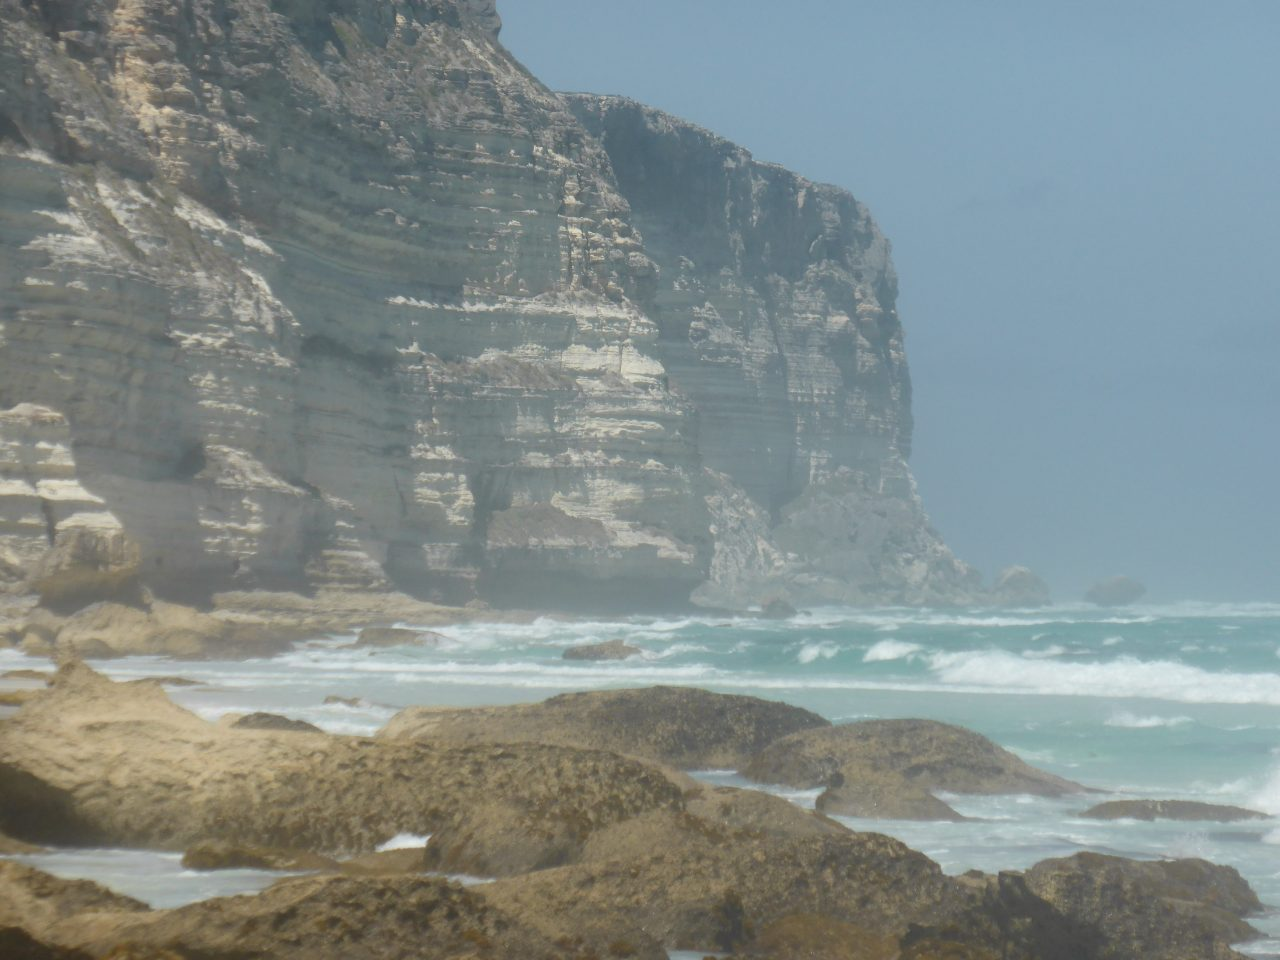 Baxter Cliffs. The start of the Great Australian Bight